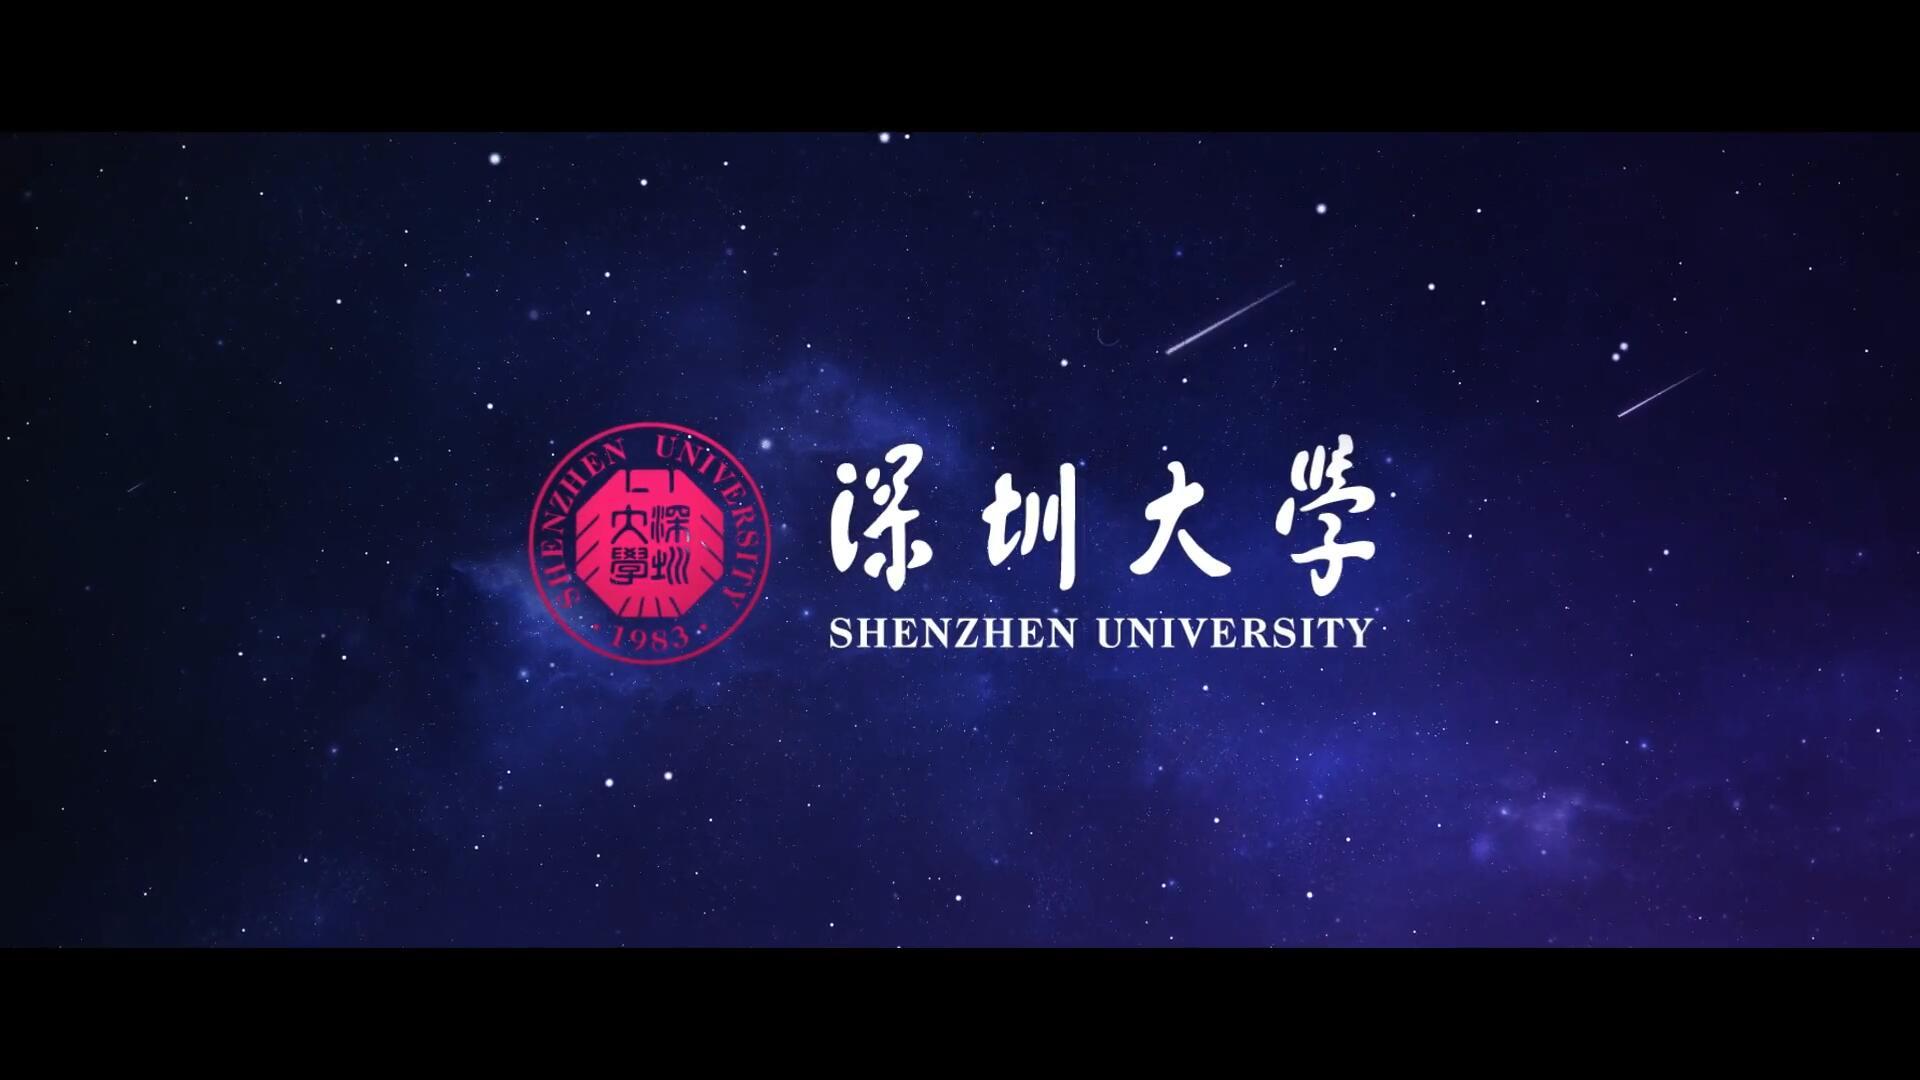 《梦开始的地方》深圳大学宣传片下